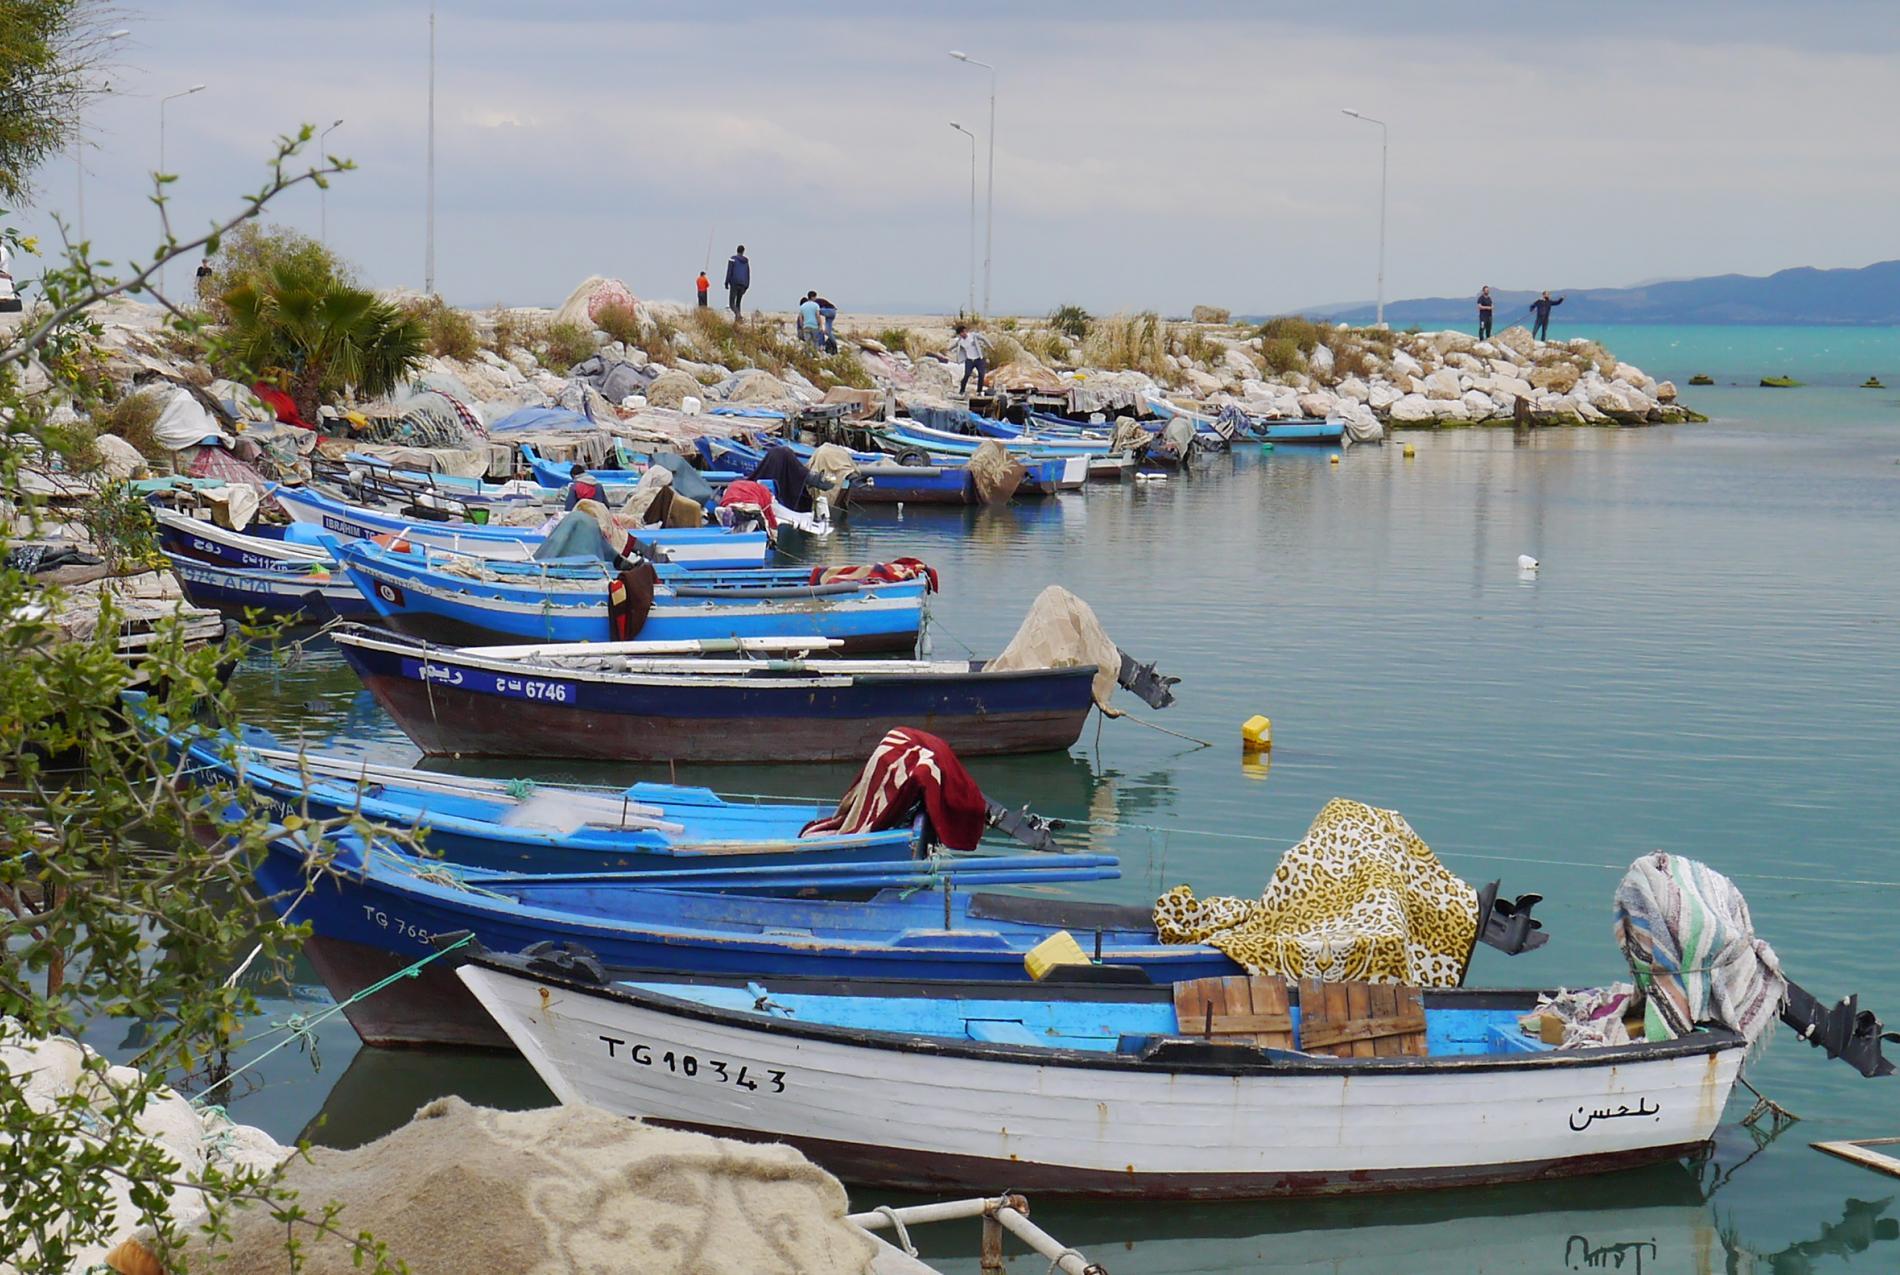 Voyage solidaire Tunisie : Vision du Monde - Photo 1